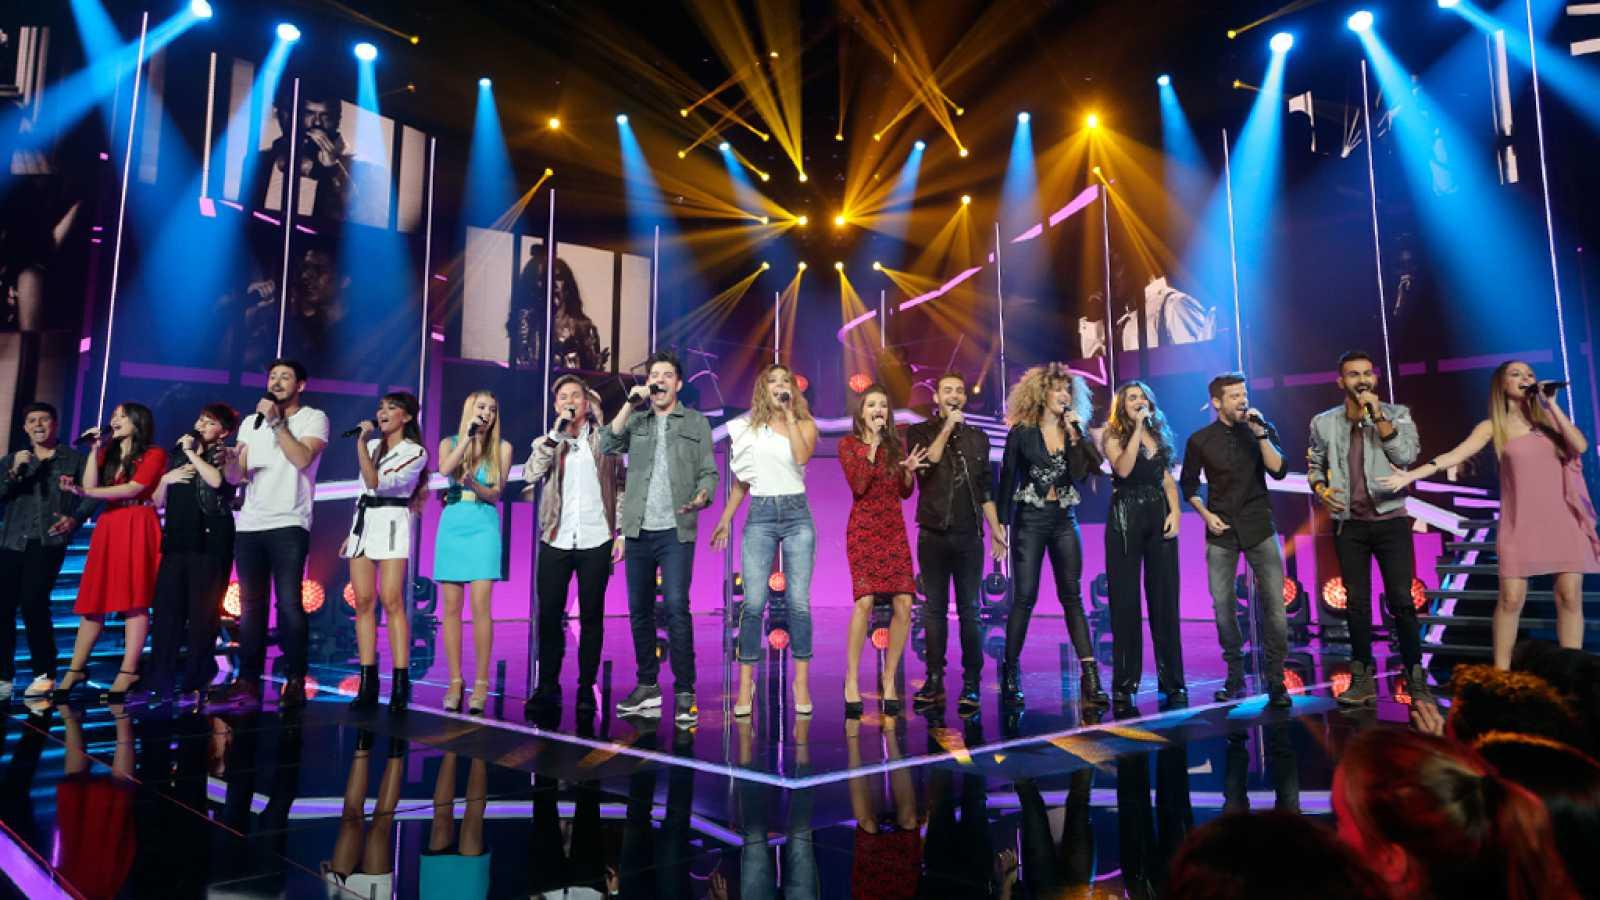 Operación Triunfo - Los 16 concursantes cantan 'Te quiero' en la gala 2